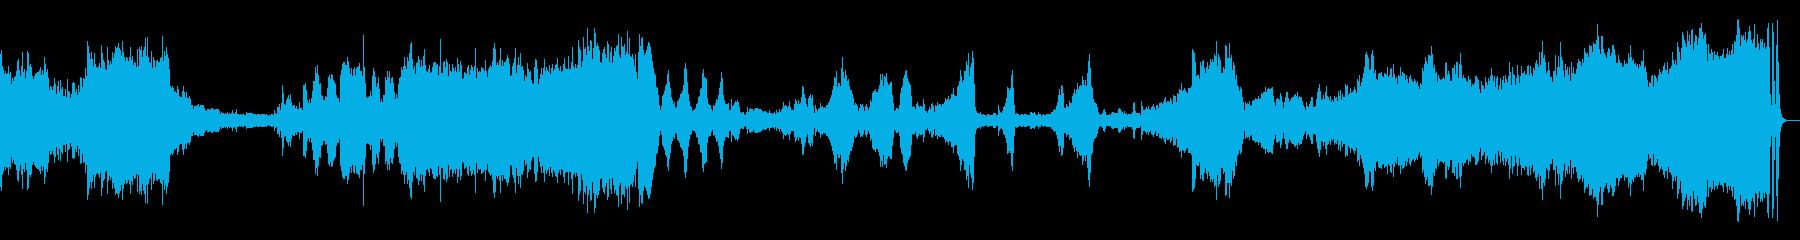 マイスタージンガー前奏曲 | ワーグナーの再生済みの波形